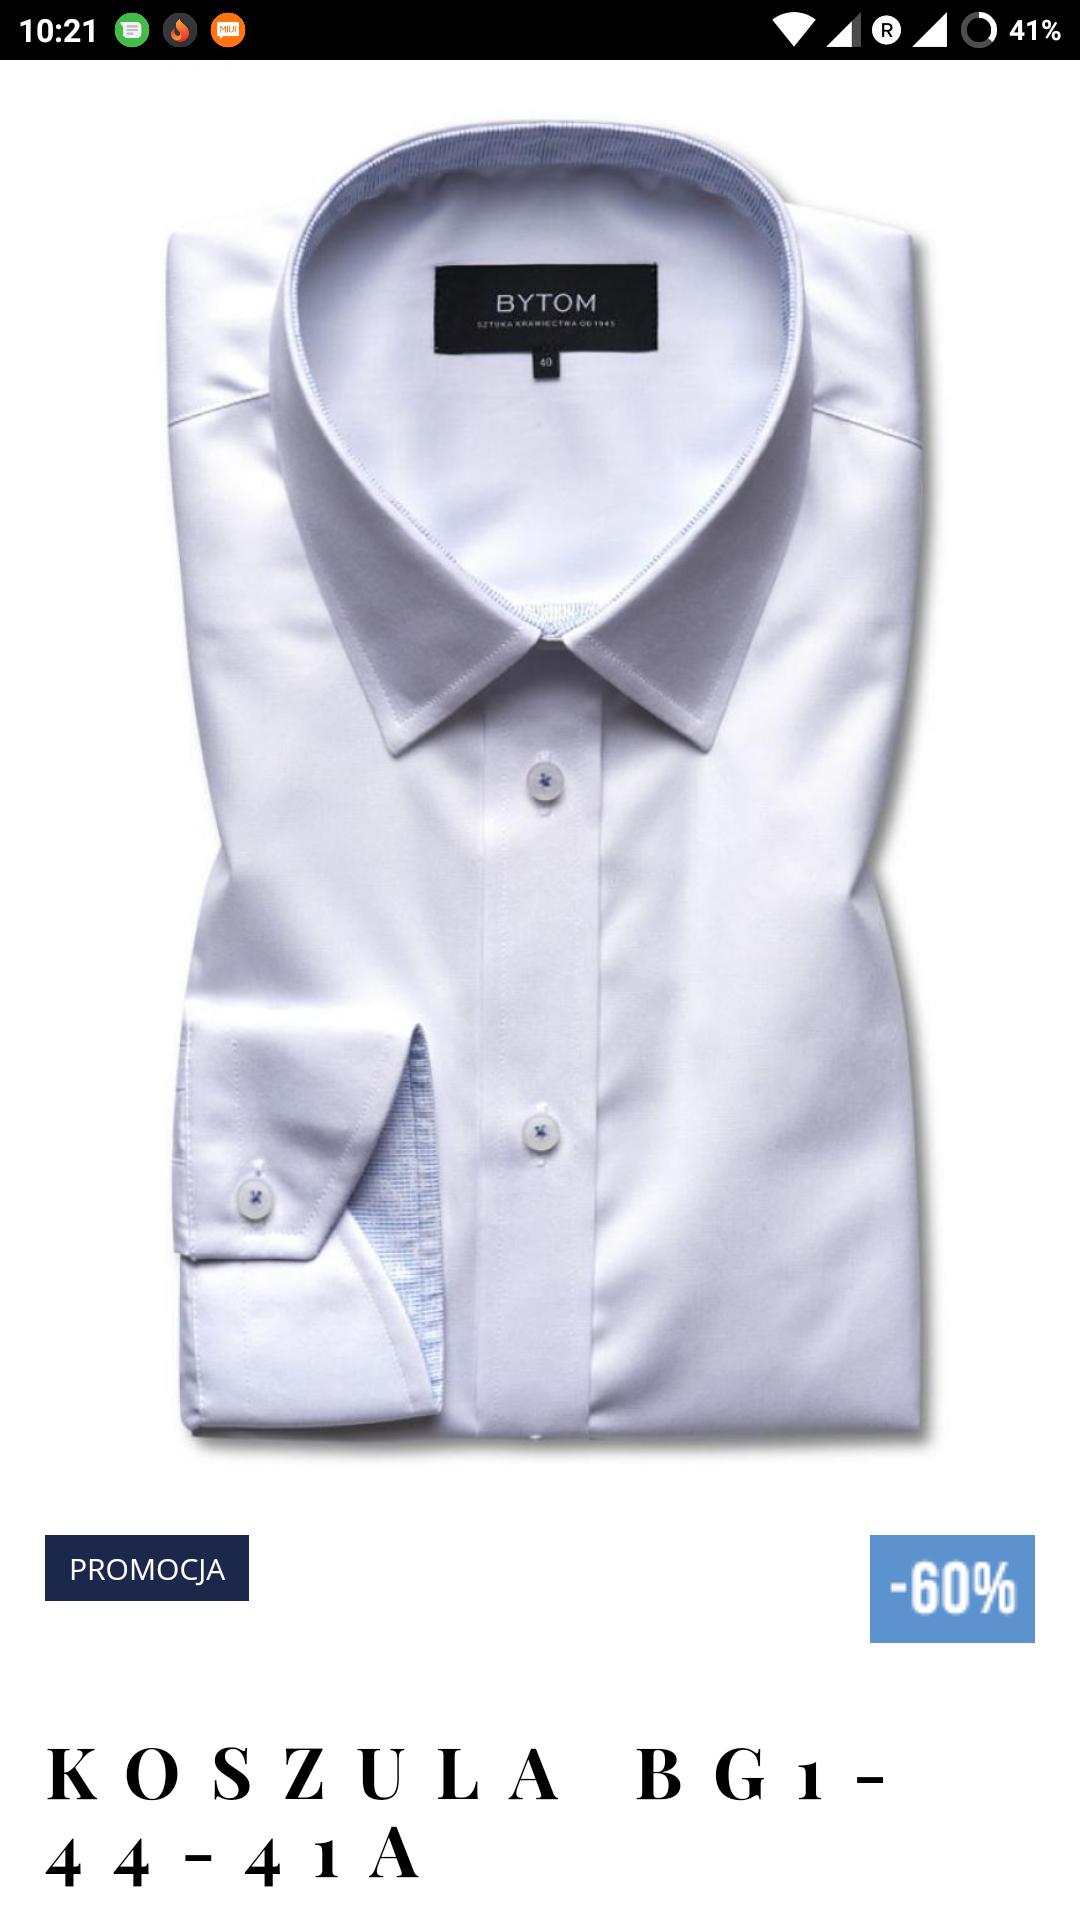 Przecenione koszule Bytom do - 60%